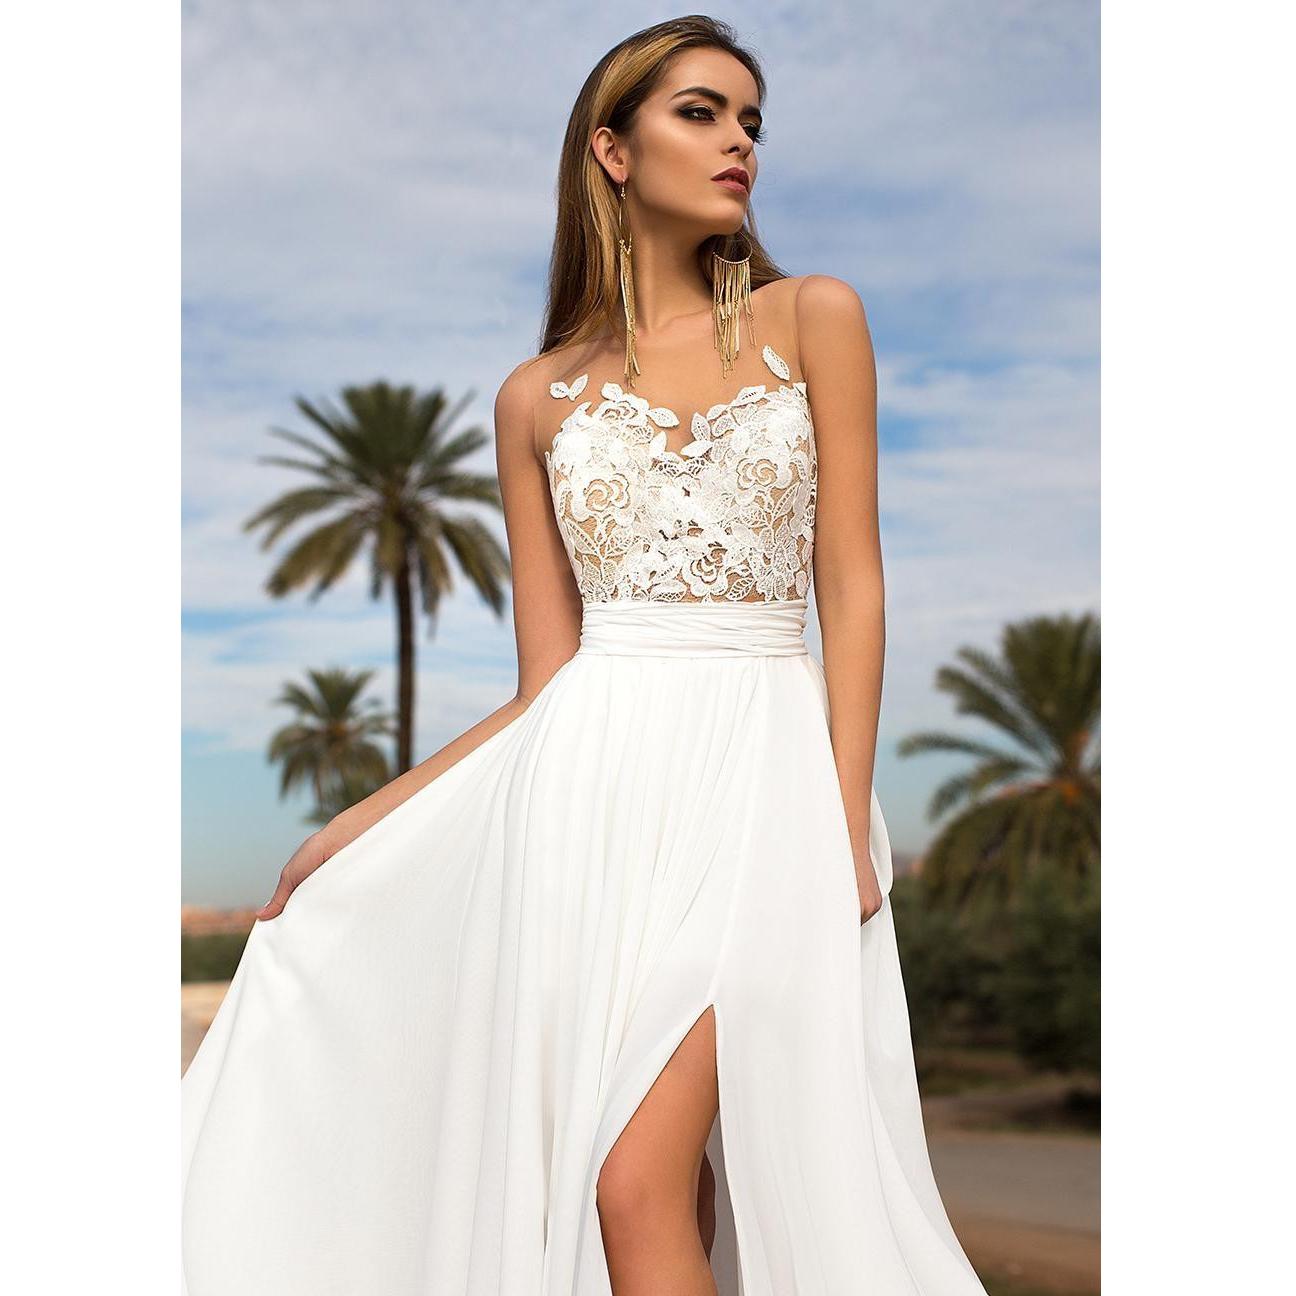 Bohemian Summer Beach Wedding Dress Sheer Jewel Neck Lace Appliques High Slit Chiffon Handmade Bridal Gowns From Better4u